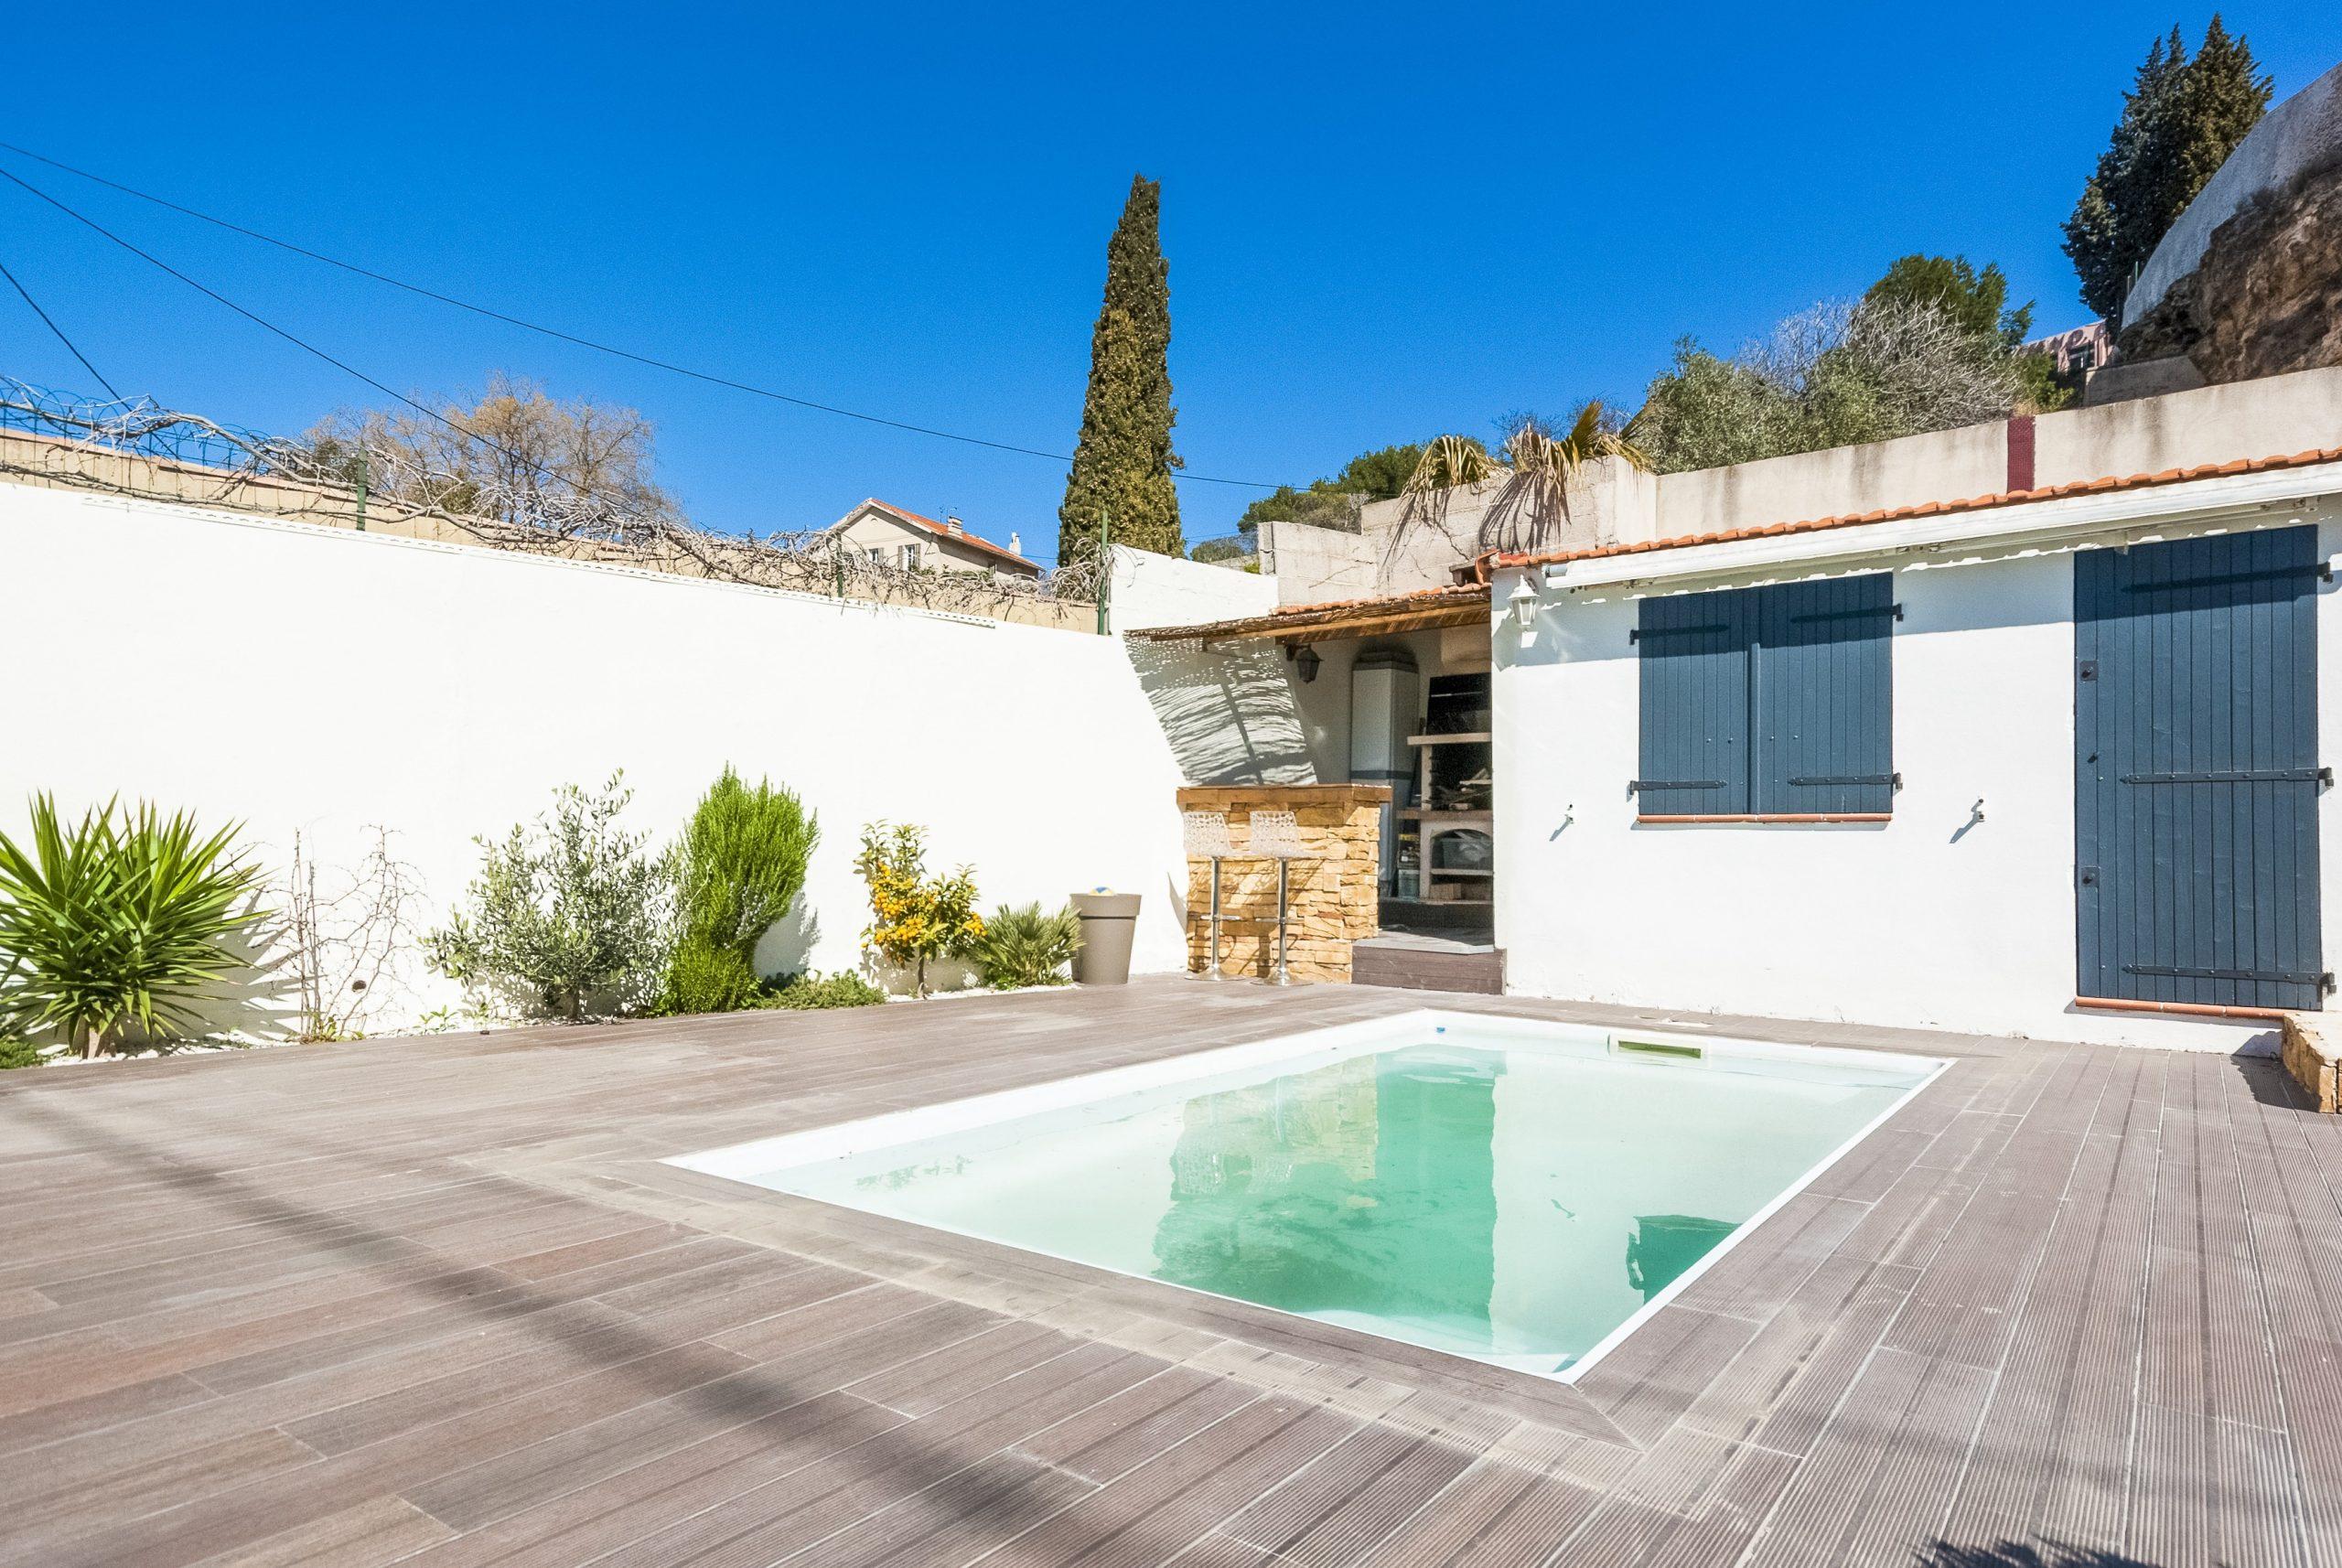 Architecte Paysagiste Dplg Aix Marseille Amenagement dedans Architecte Exterieur Jardin